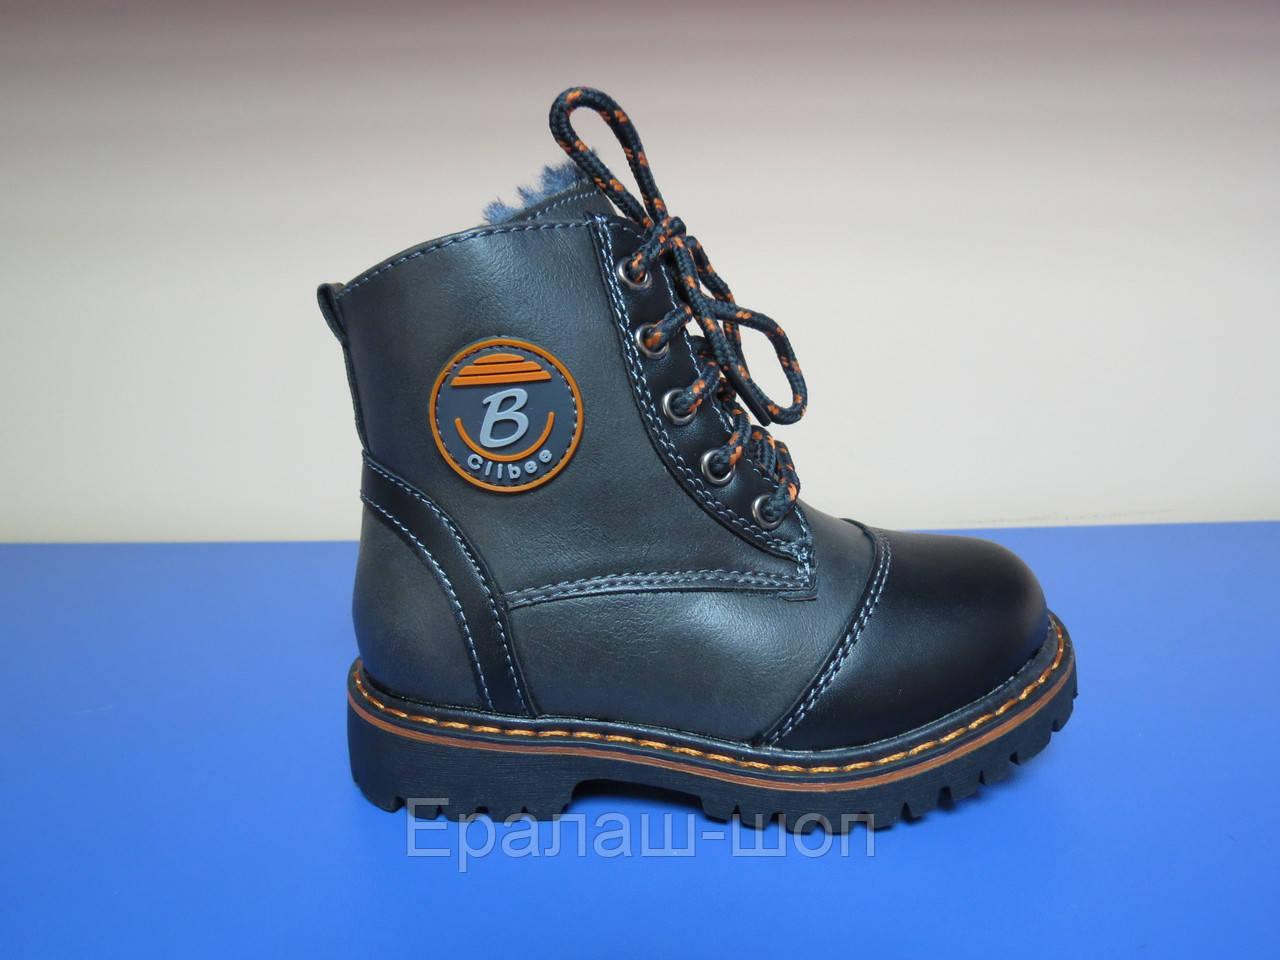 8b619a228 Распродажа!Зимние ботинки для мальчика 22р 24р - Ералаш-шоп в Днепре